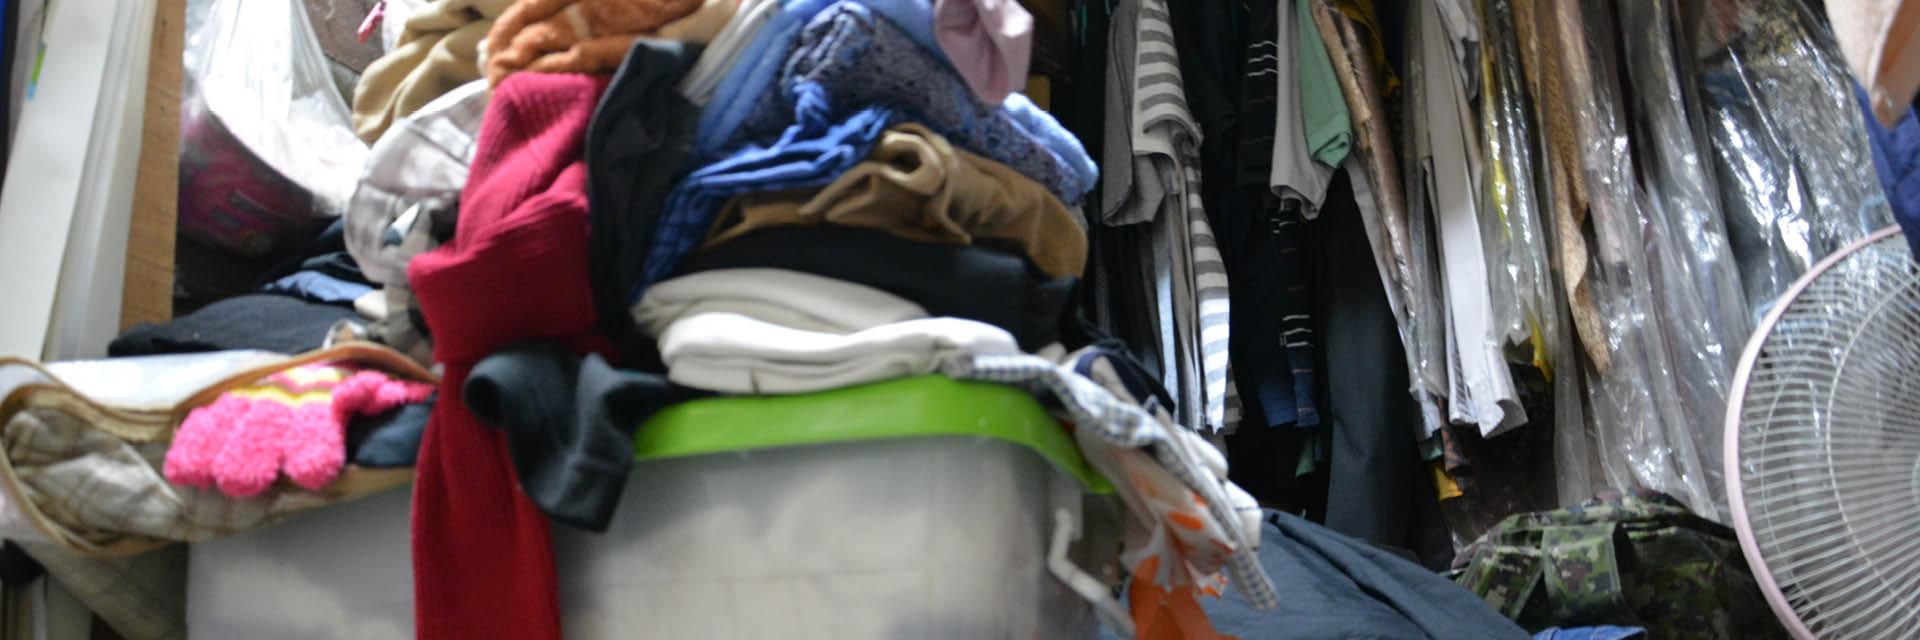 Kleiderschrank, Ordnung schaffen